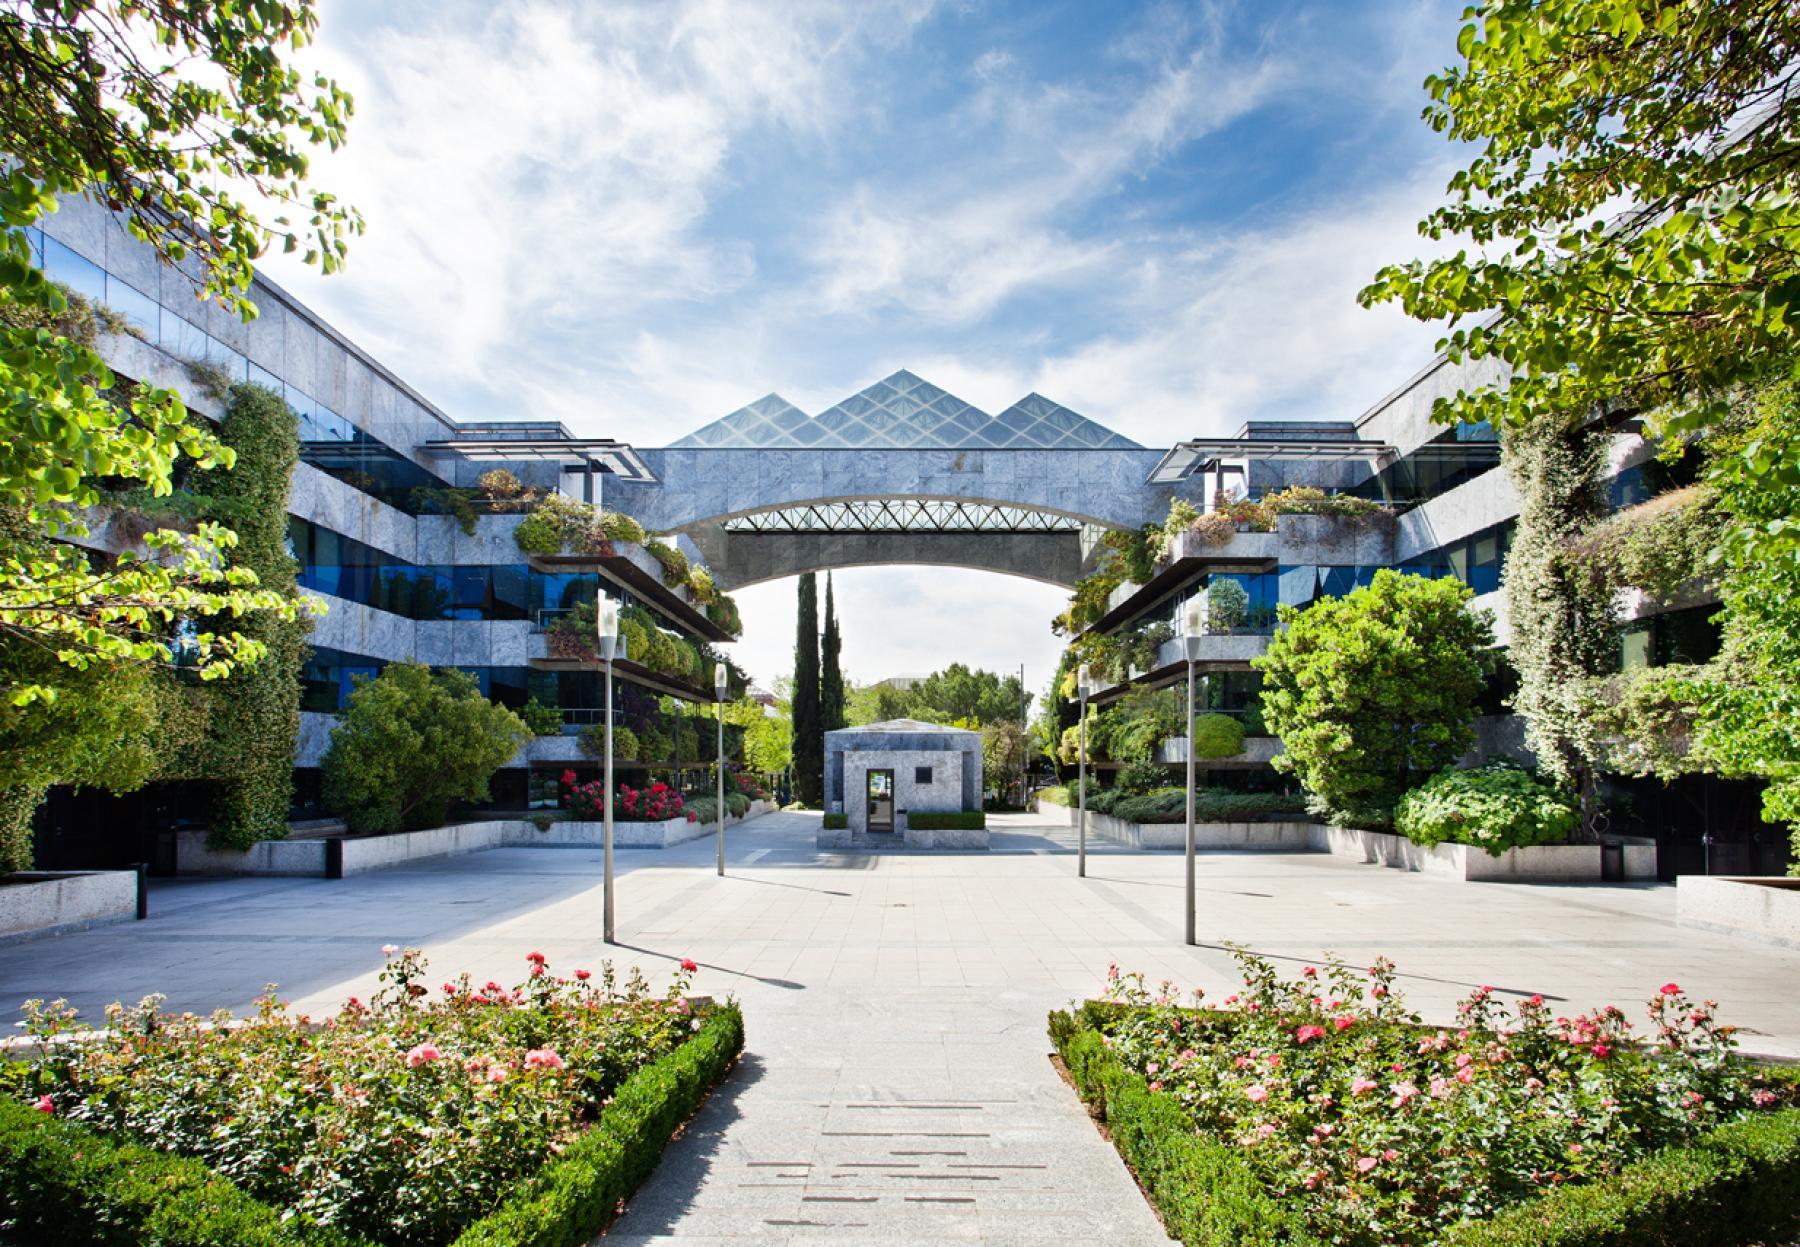 Alquilar oficinas Avenida de Europa 19-1, Pozuelo de Alarcón (1)